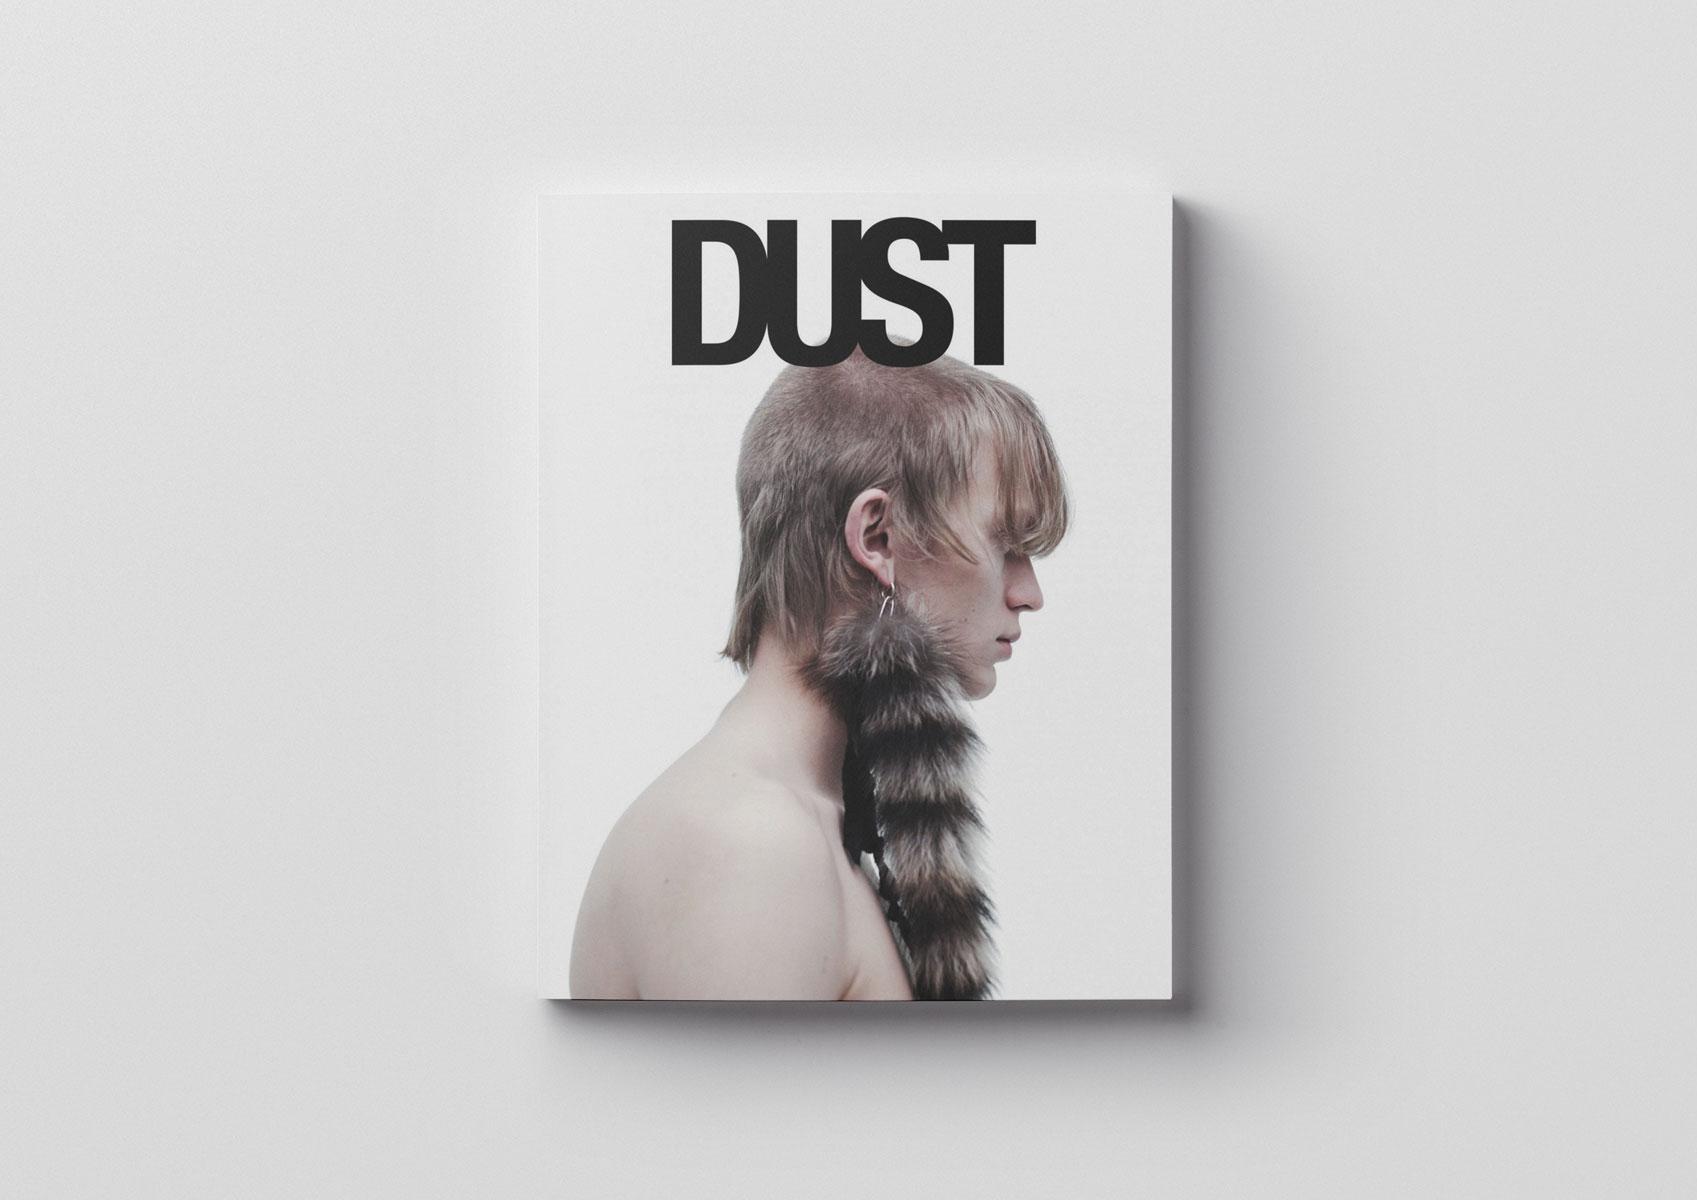 nicoletta-dalfino-dust-magazine-8-cover